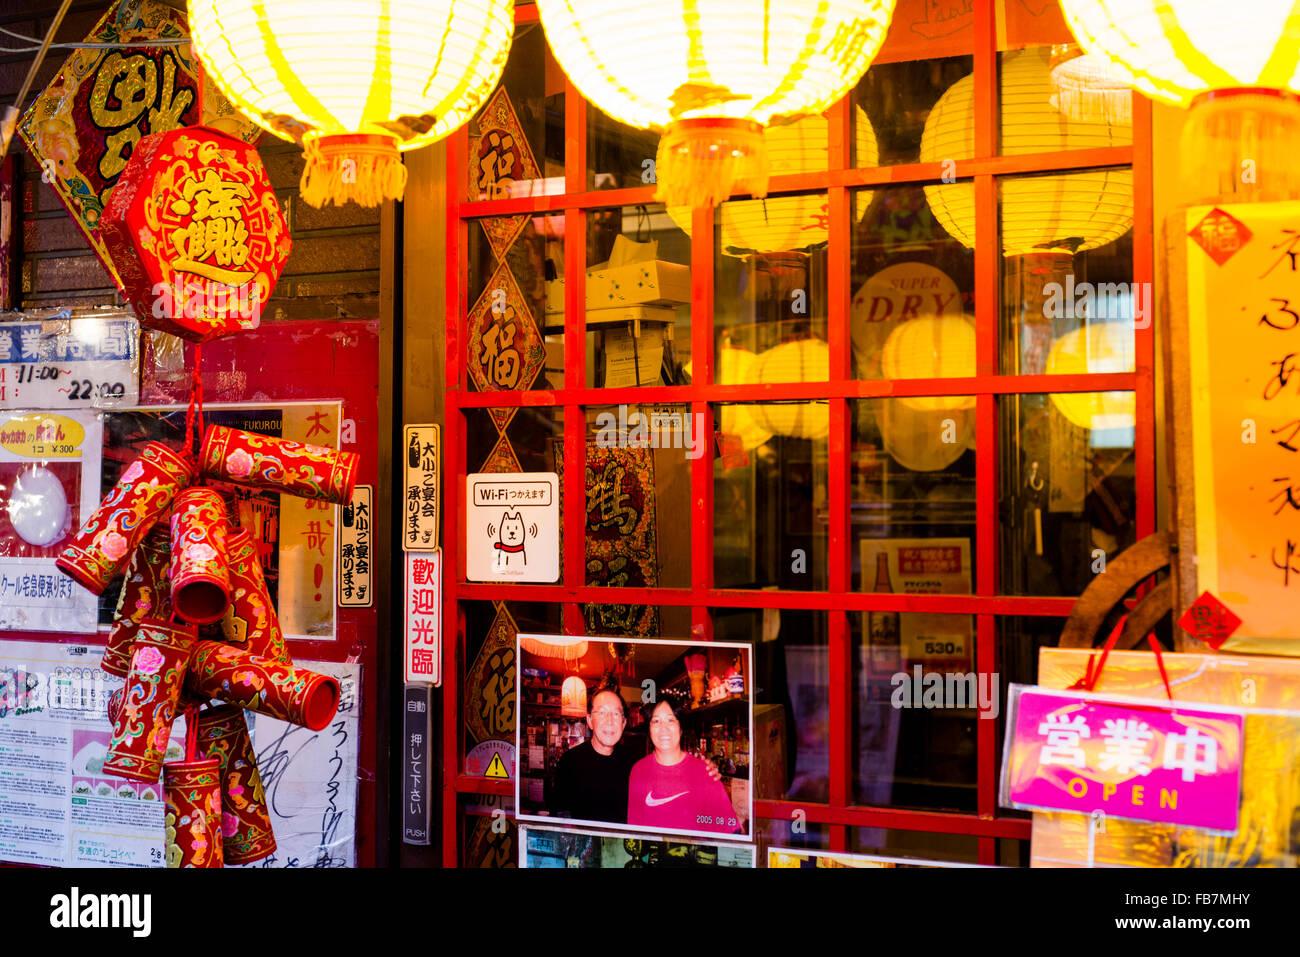 Chinese restaurant in Chinatown, Yokohama - Stock Image